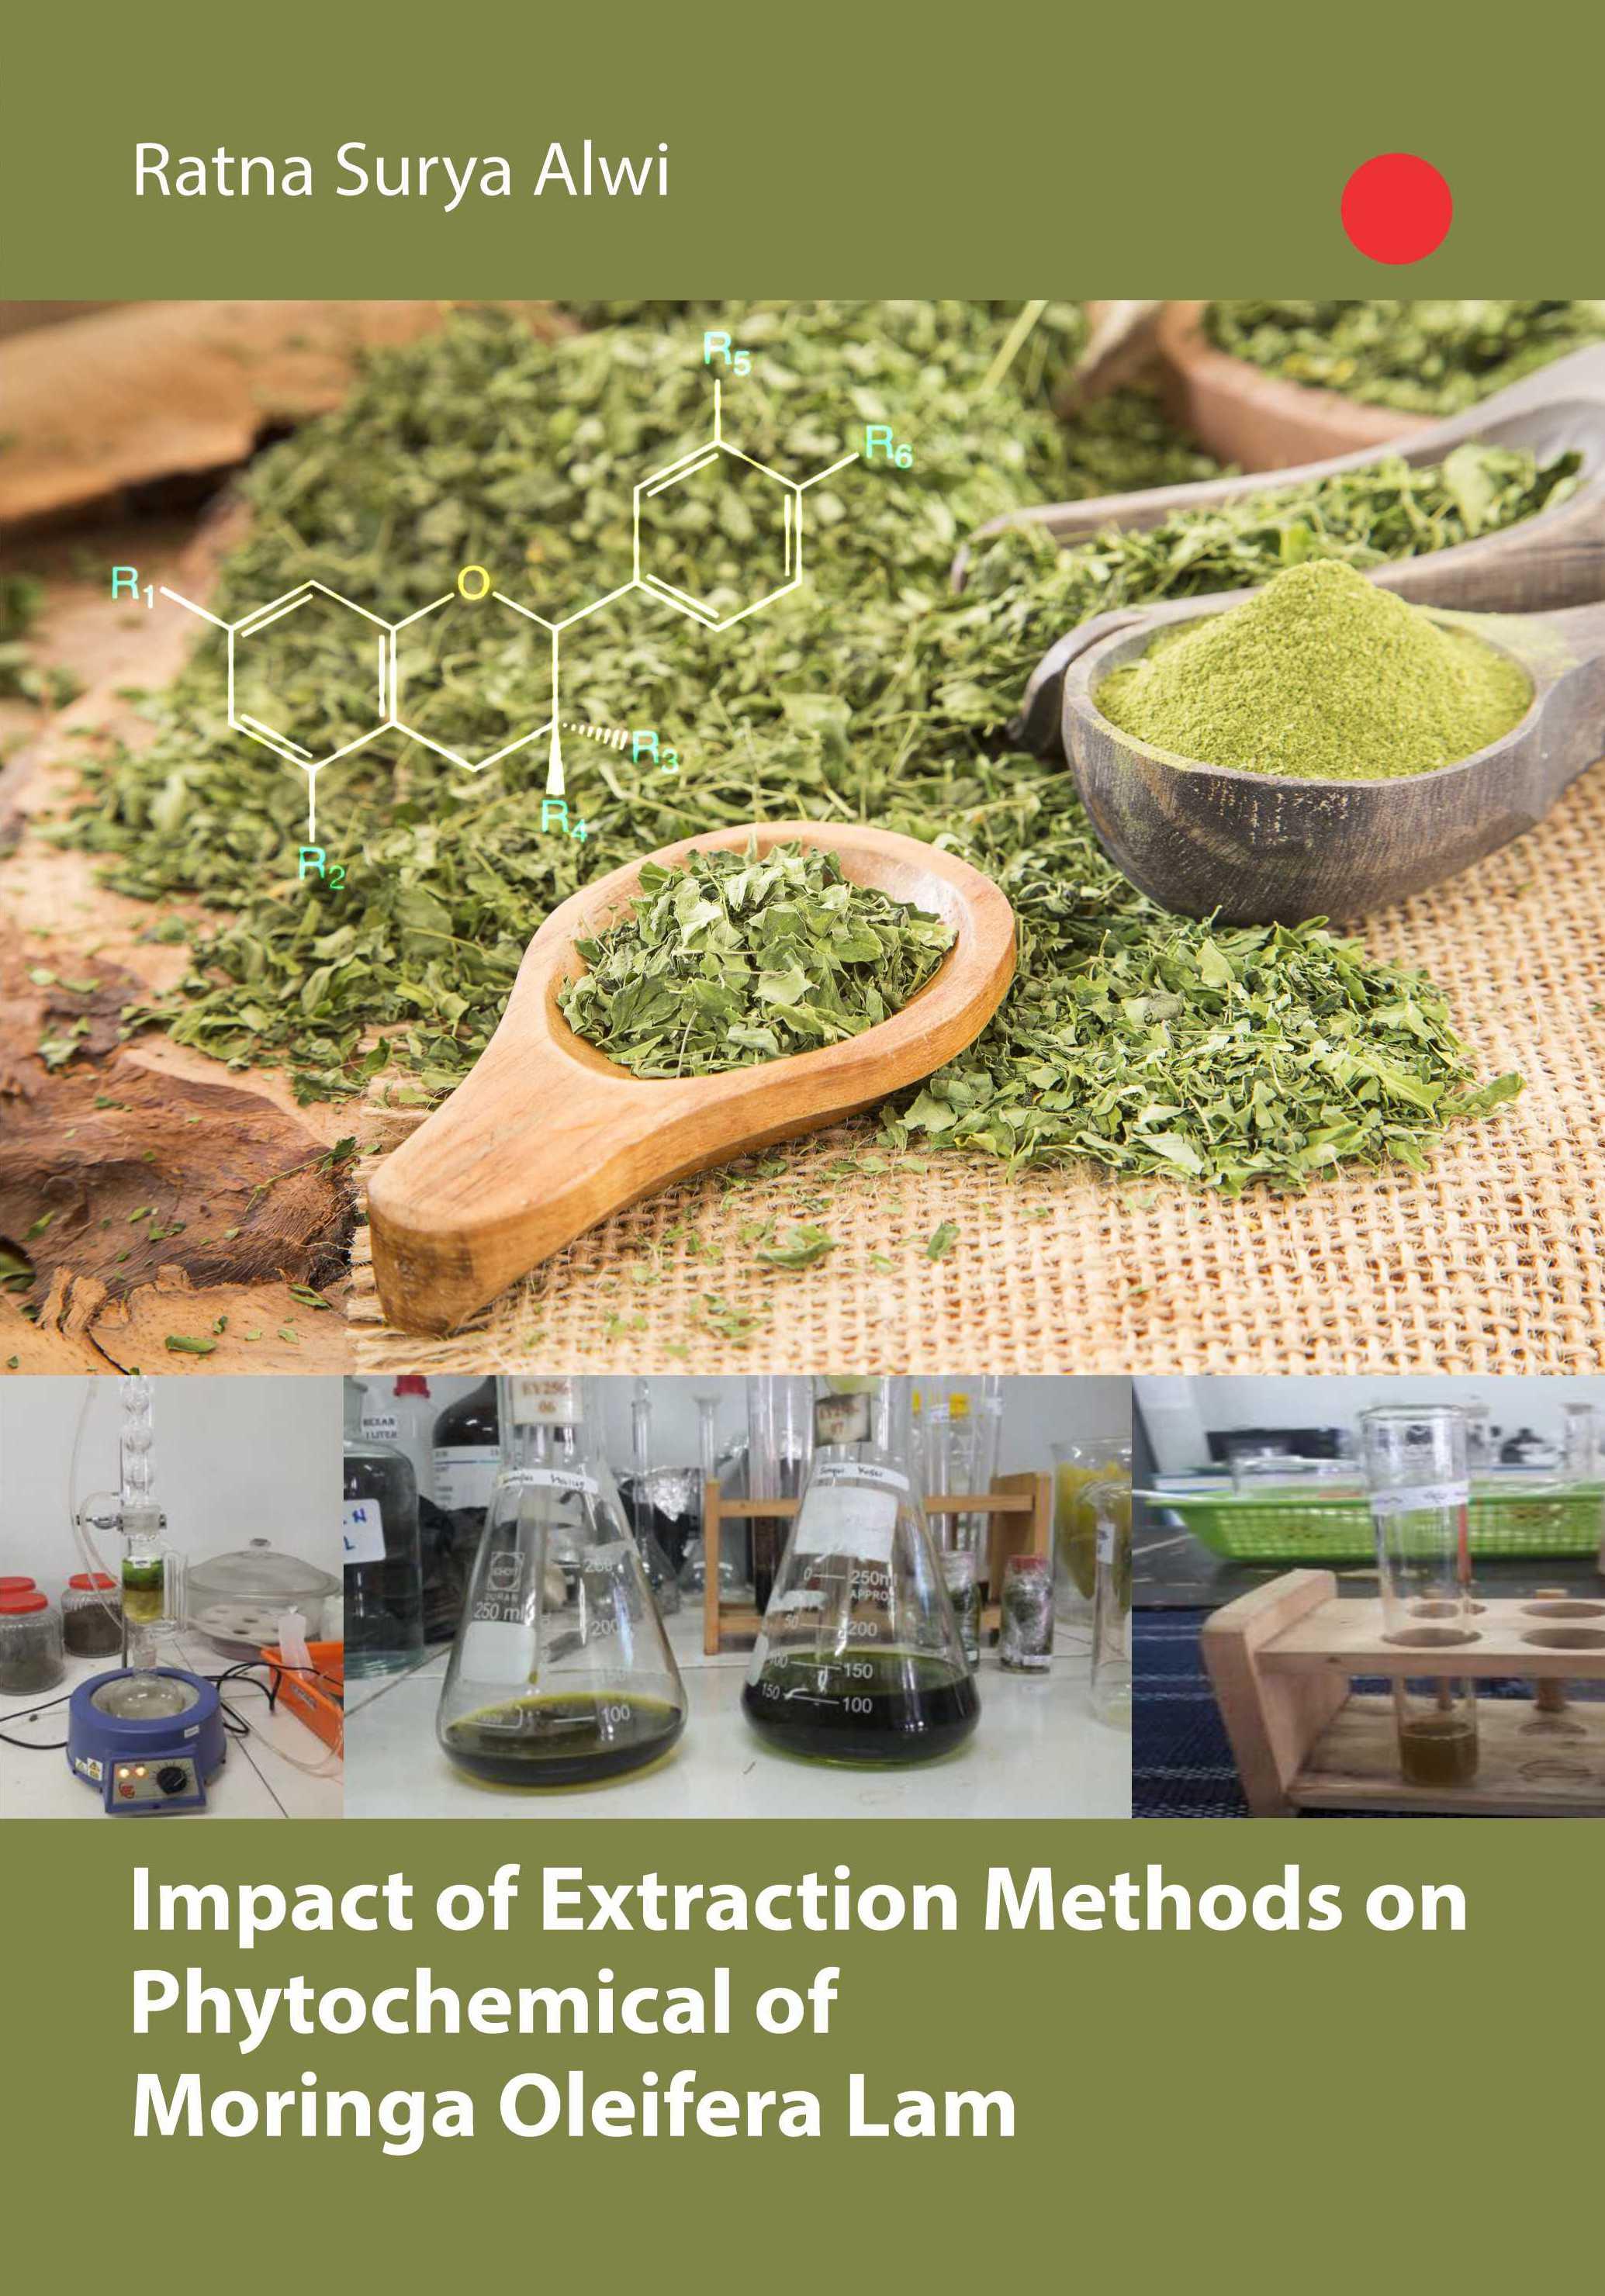 Impact of extraction methods on phytochemical of Moringa oleifera lam [sumber elektronis]